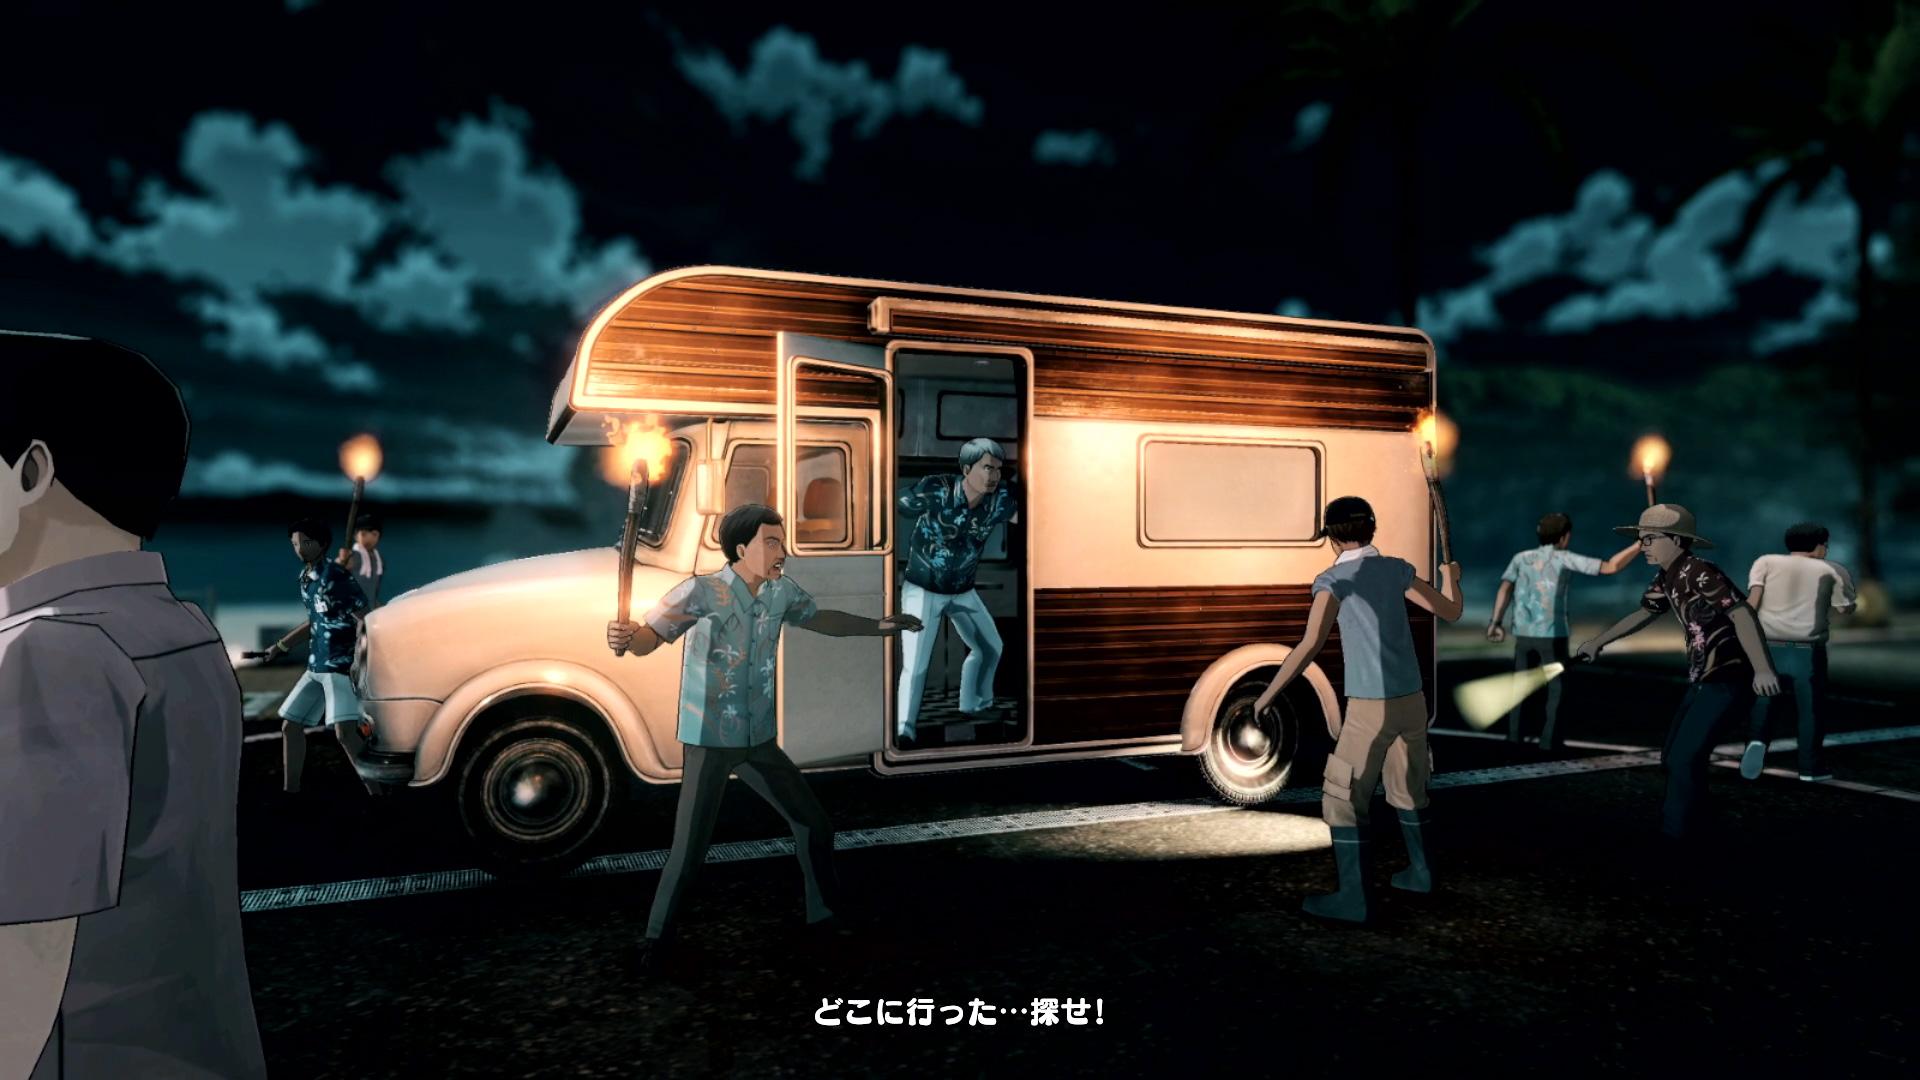 Persona 5 Scramble Okinawa